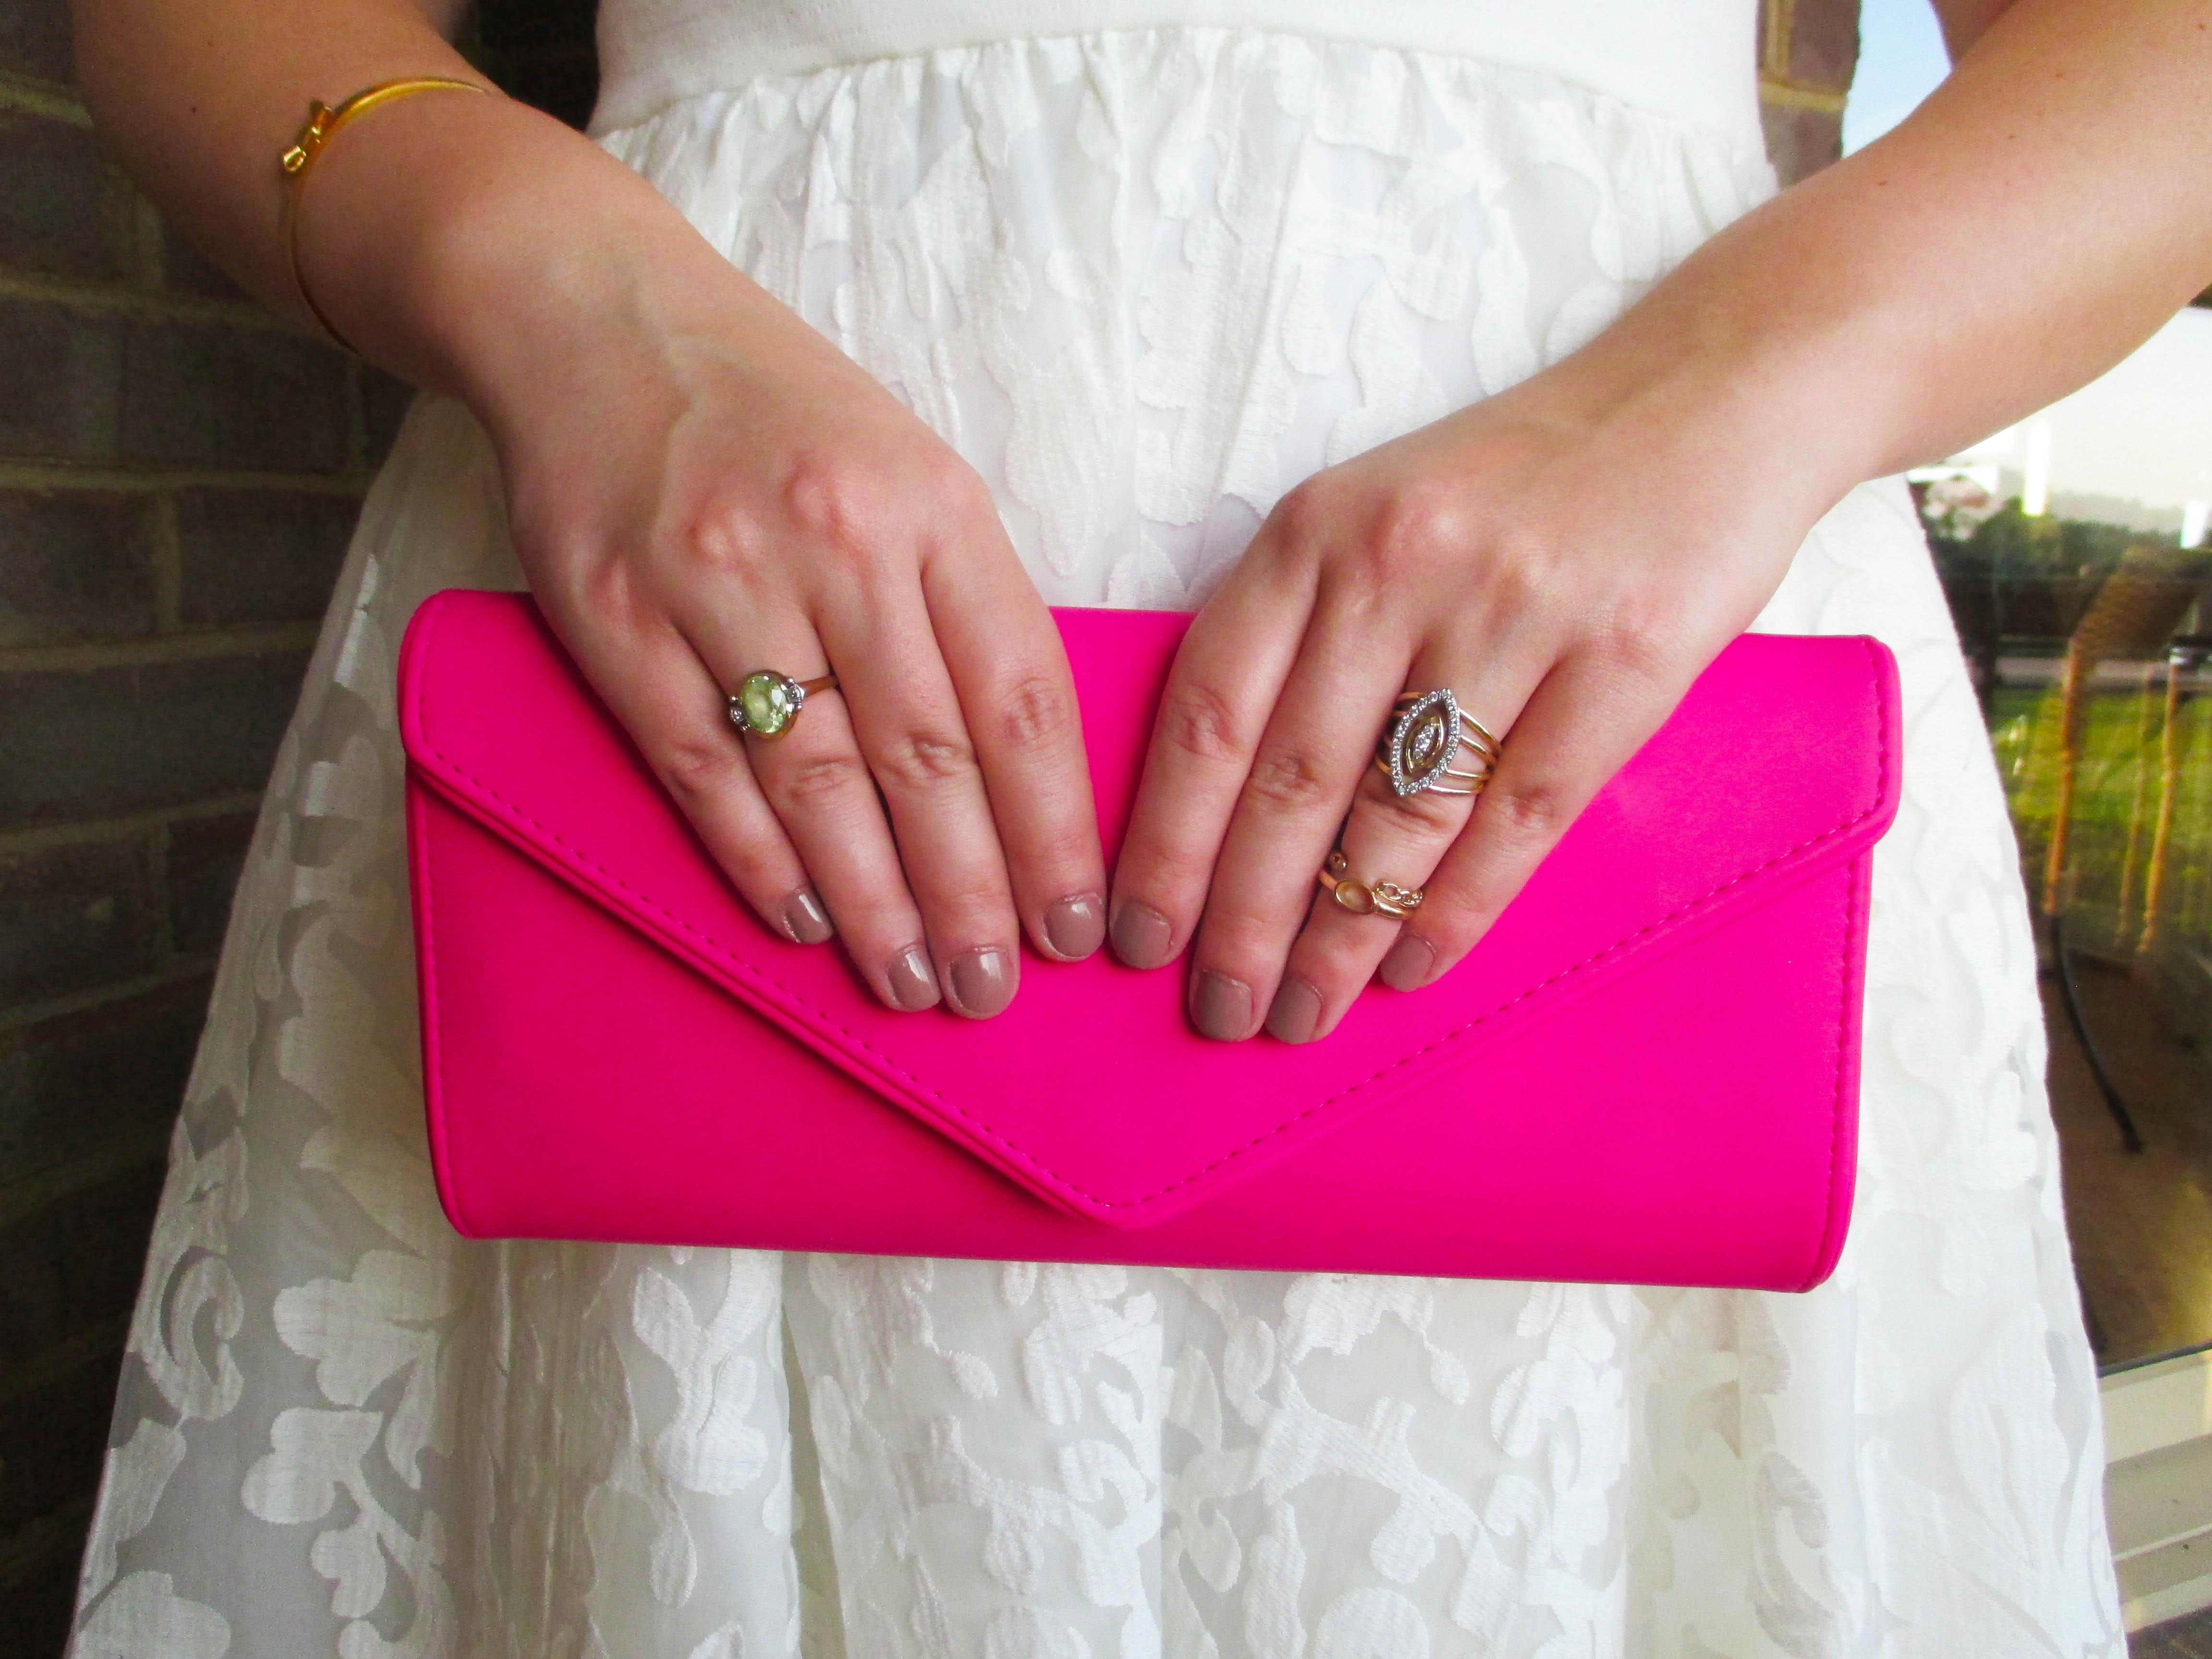 lauren allen fashion blog 8-23-15d